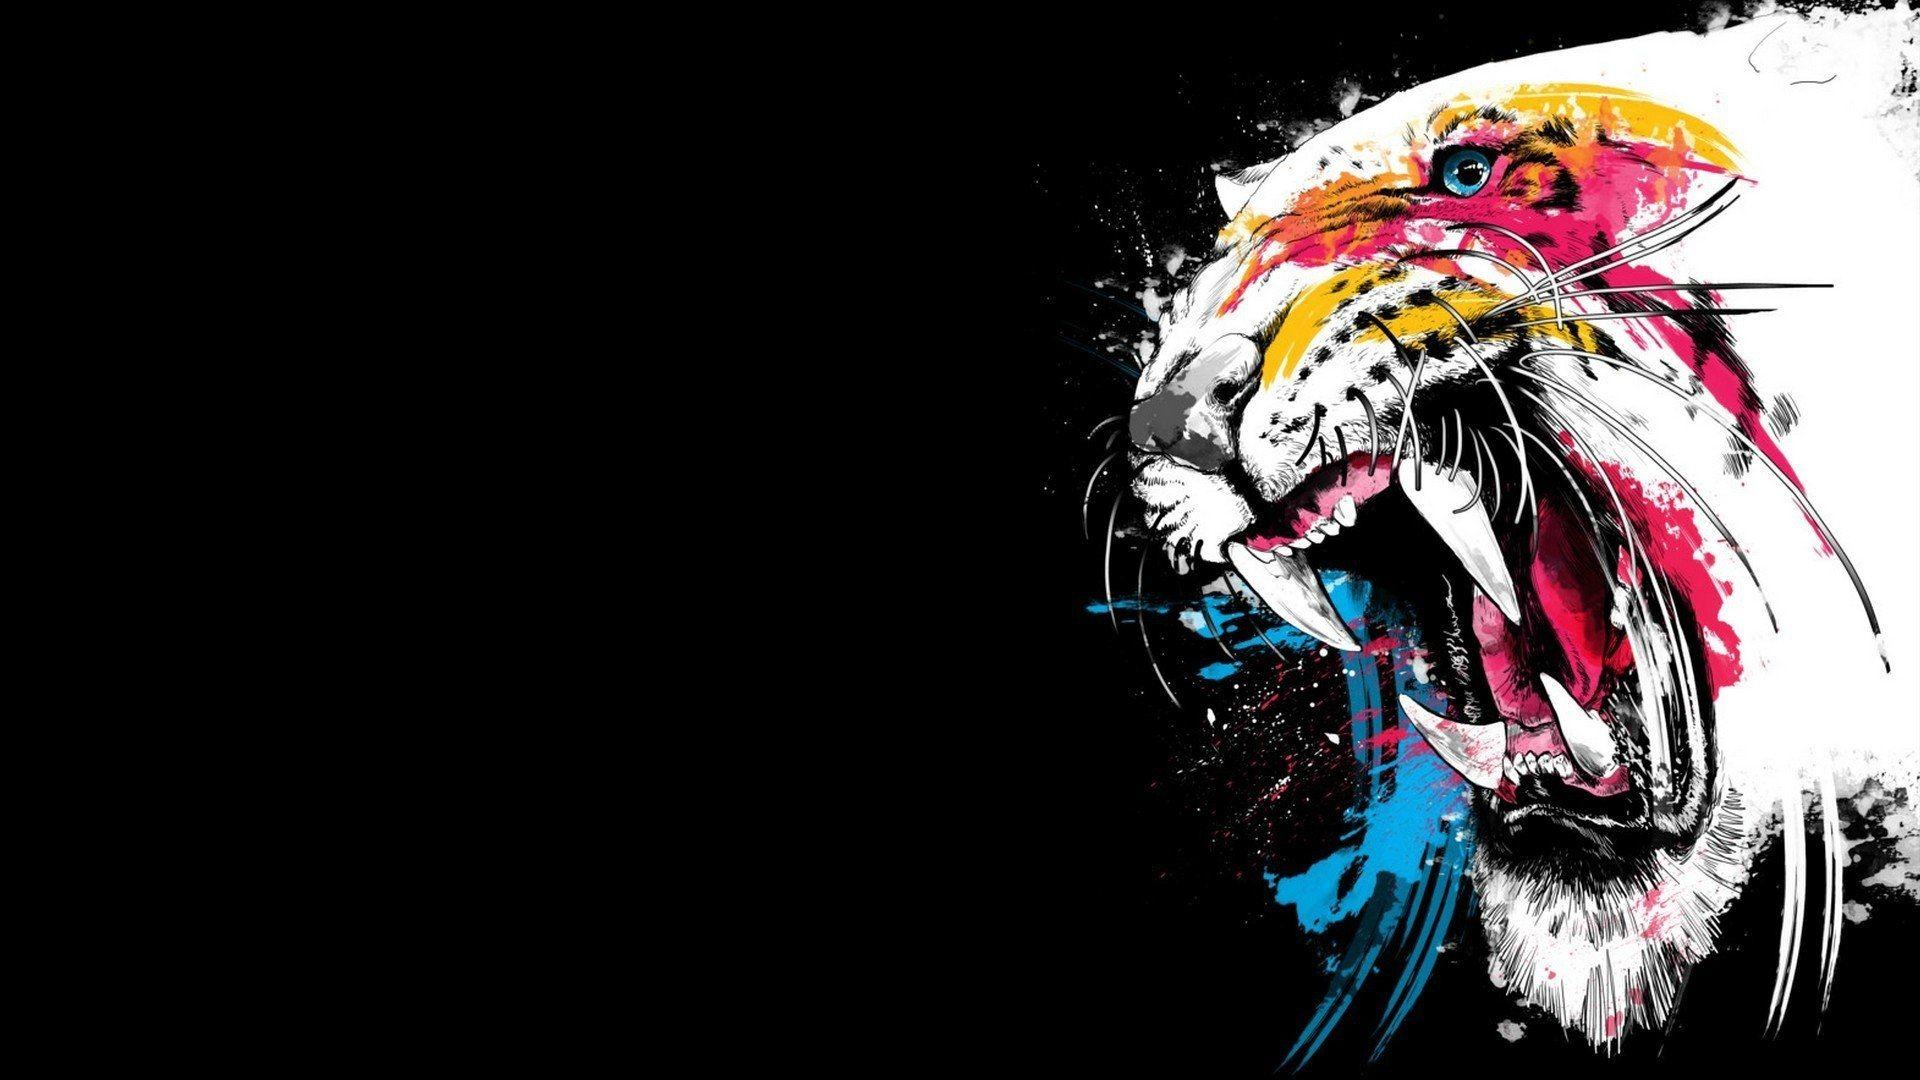 Tiger Art, Cool Wallpaper